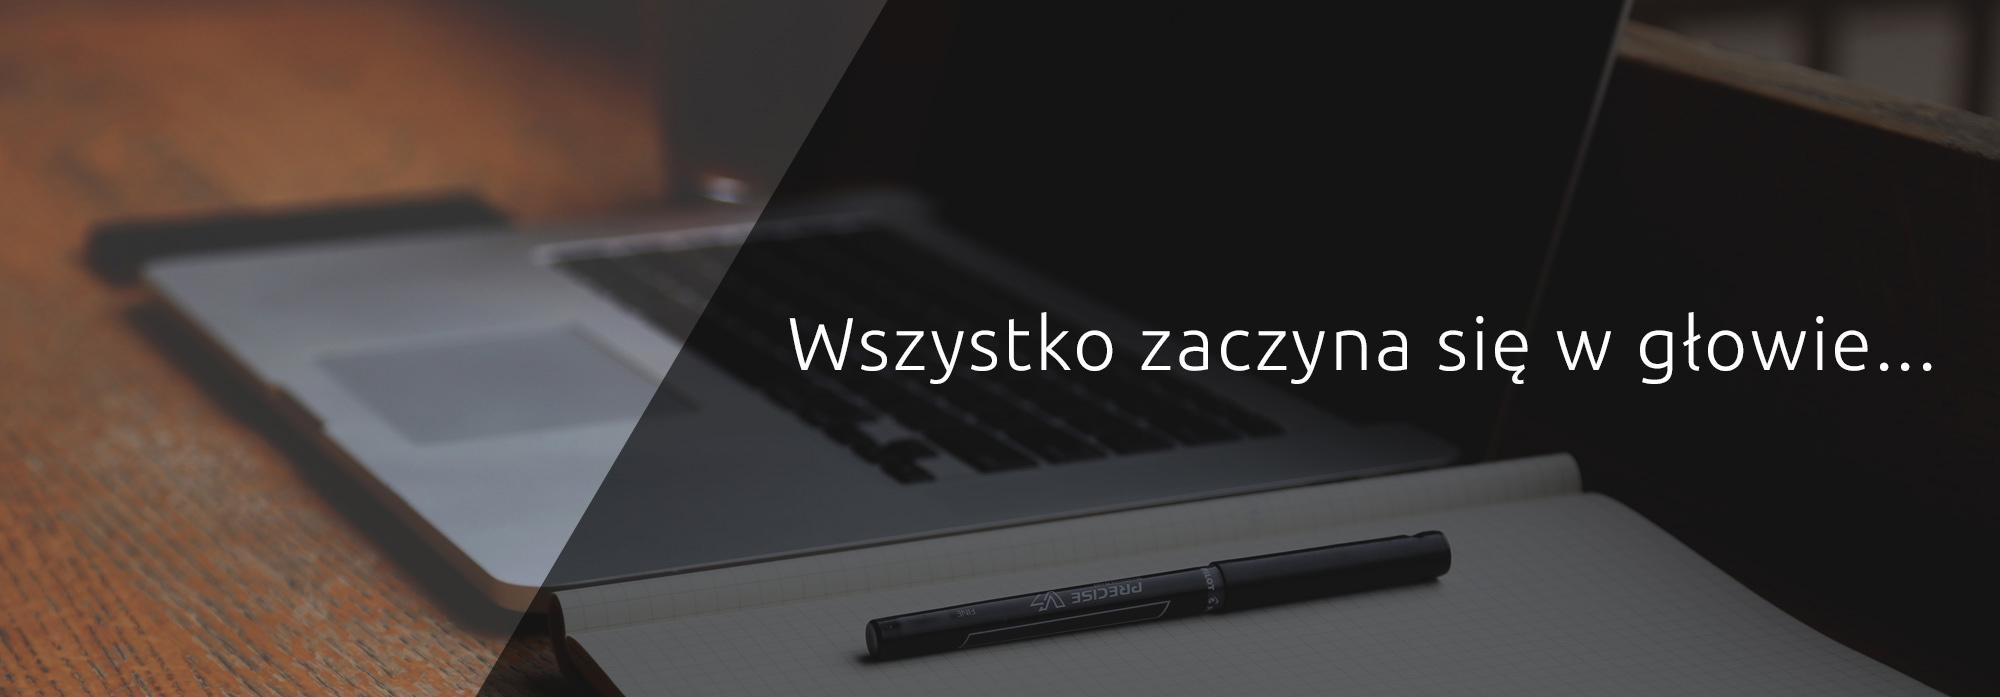 Projektowanie logo Białystok - Agencja reklamowa